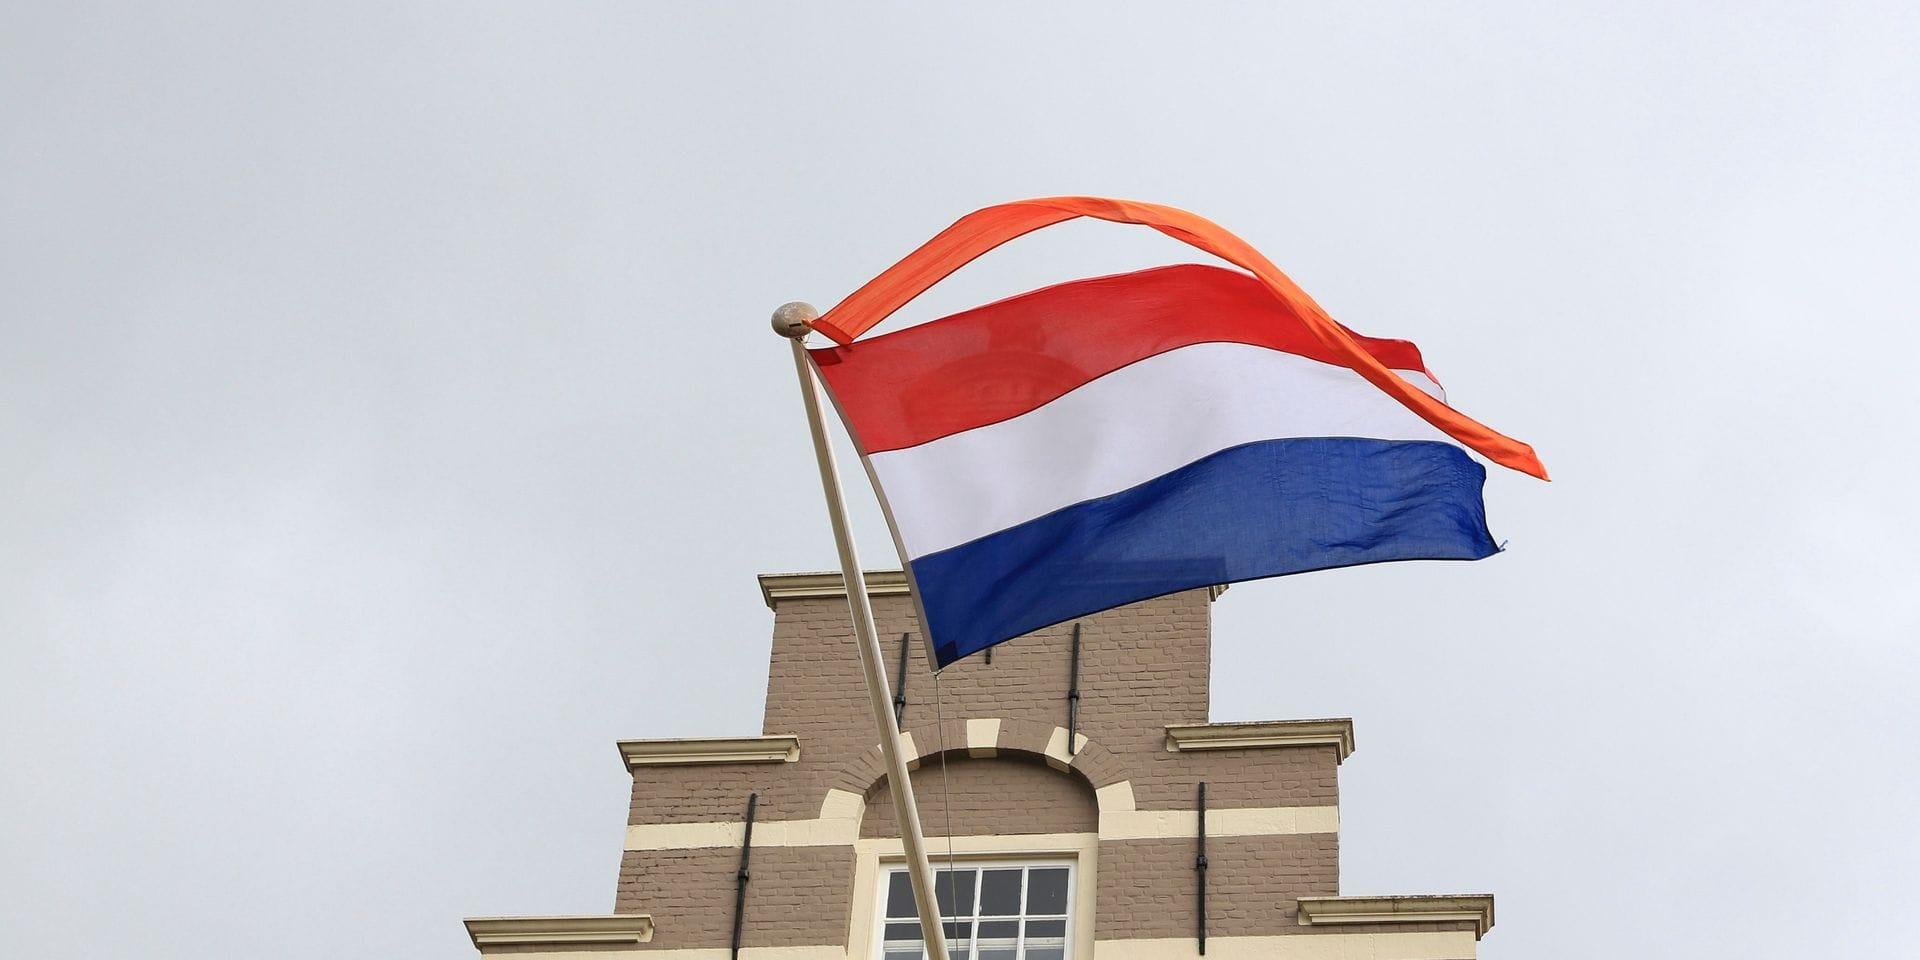 Une centaine d'entreprises ont déménagé aux Pays-Bas en raison du Brexit